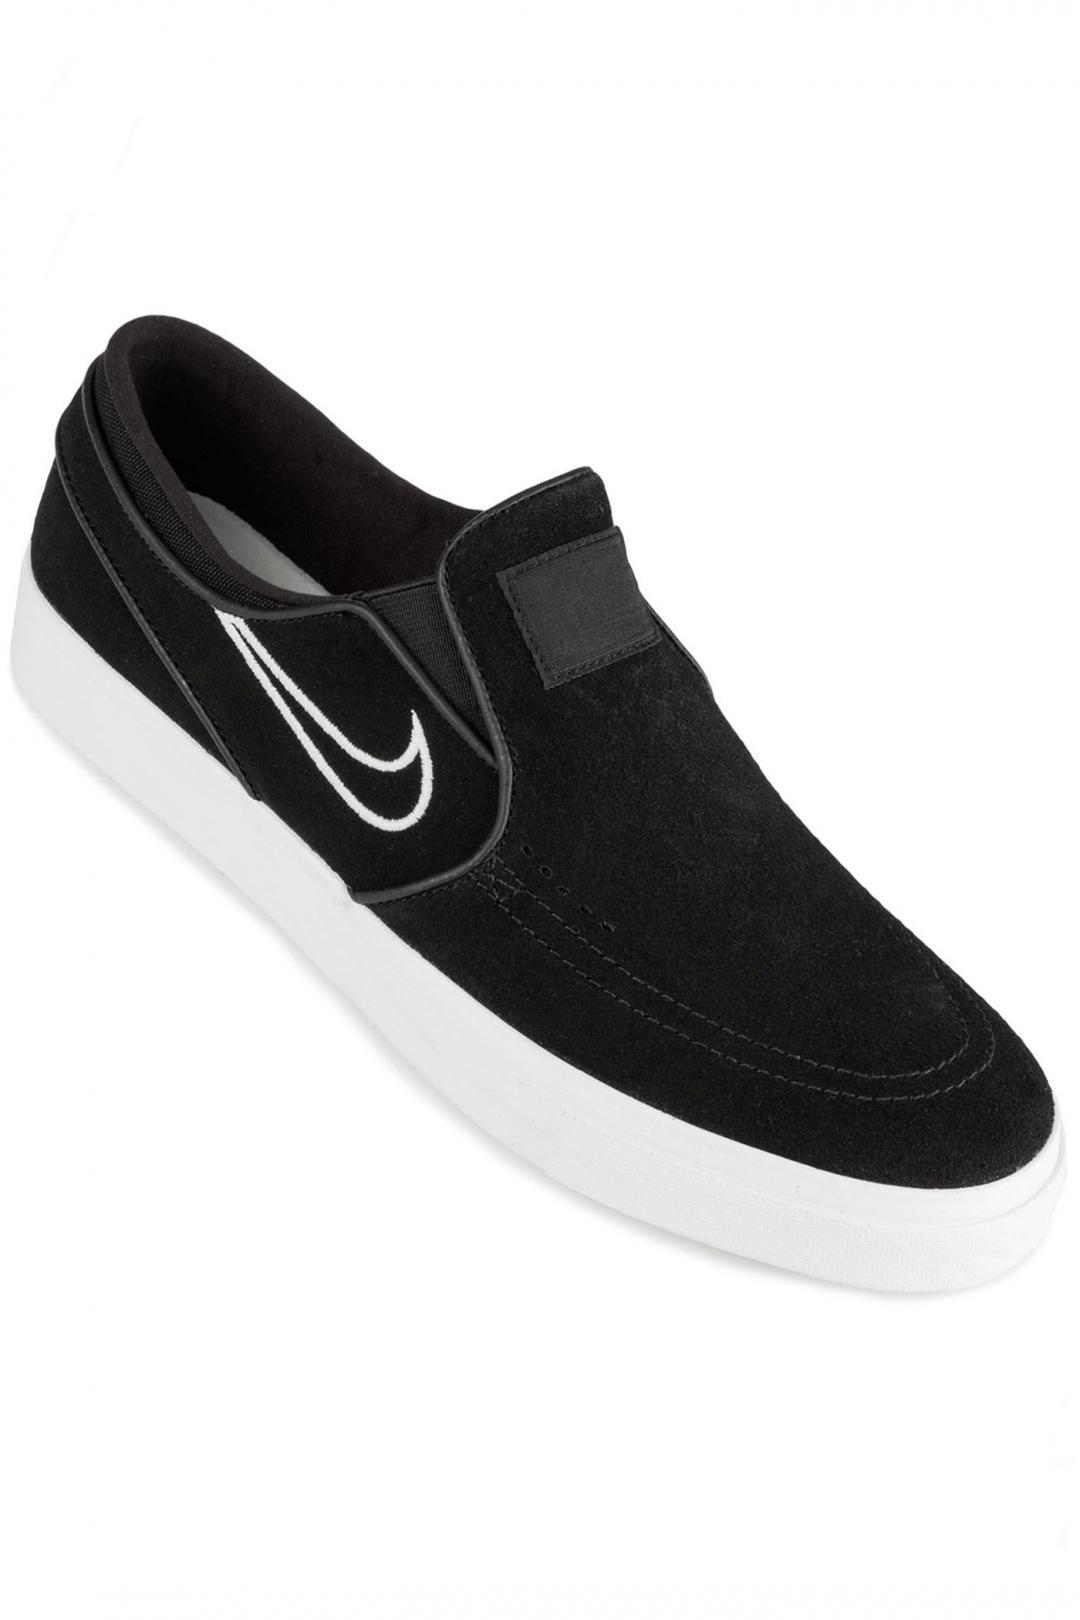 Uomo/Donna Nike SB Zoom Stefan Janoski Slip black light bone | Sneaker